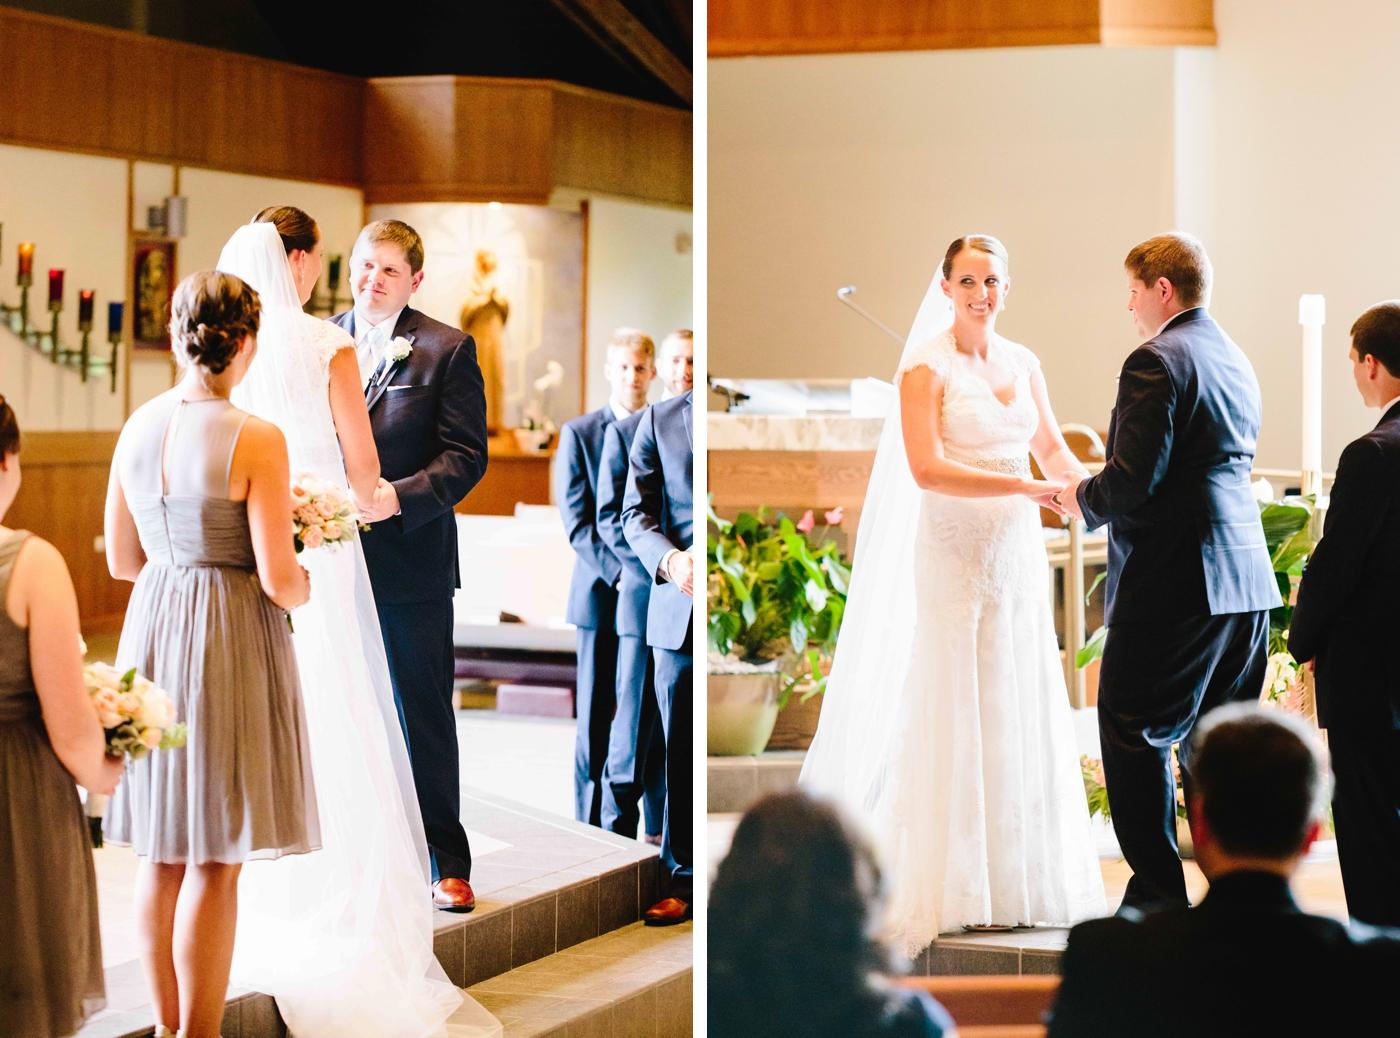 chicago-fine-art-wedding-photography-neuendank16